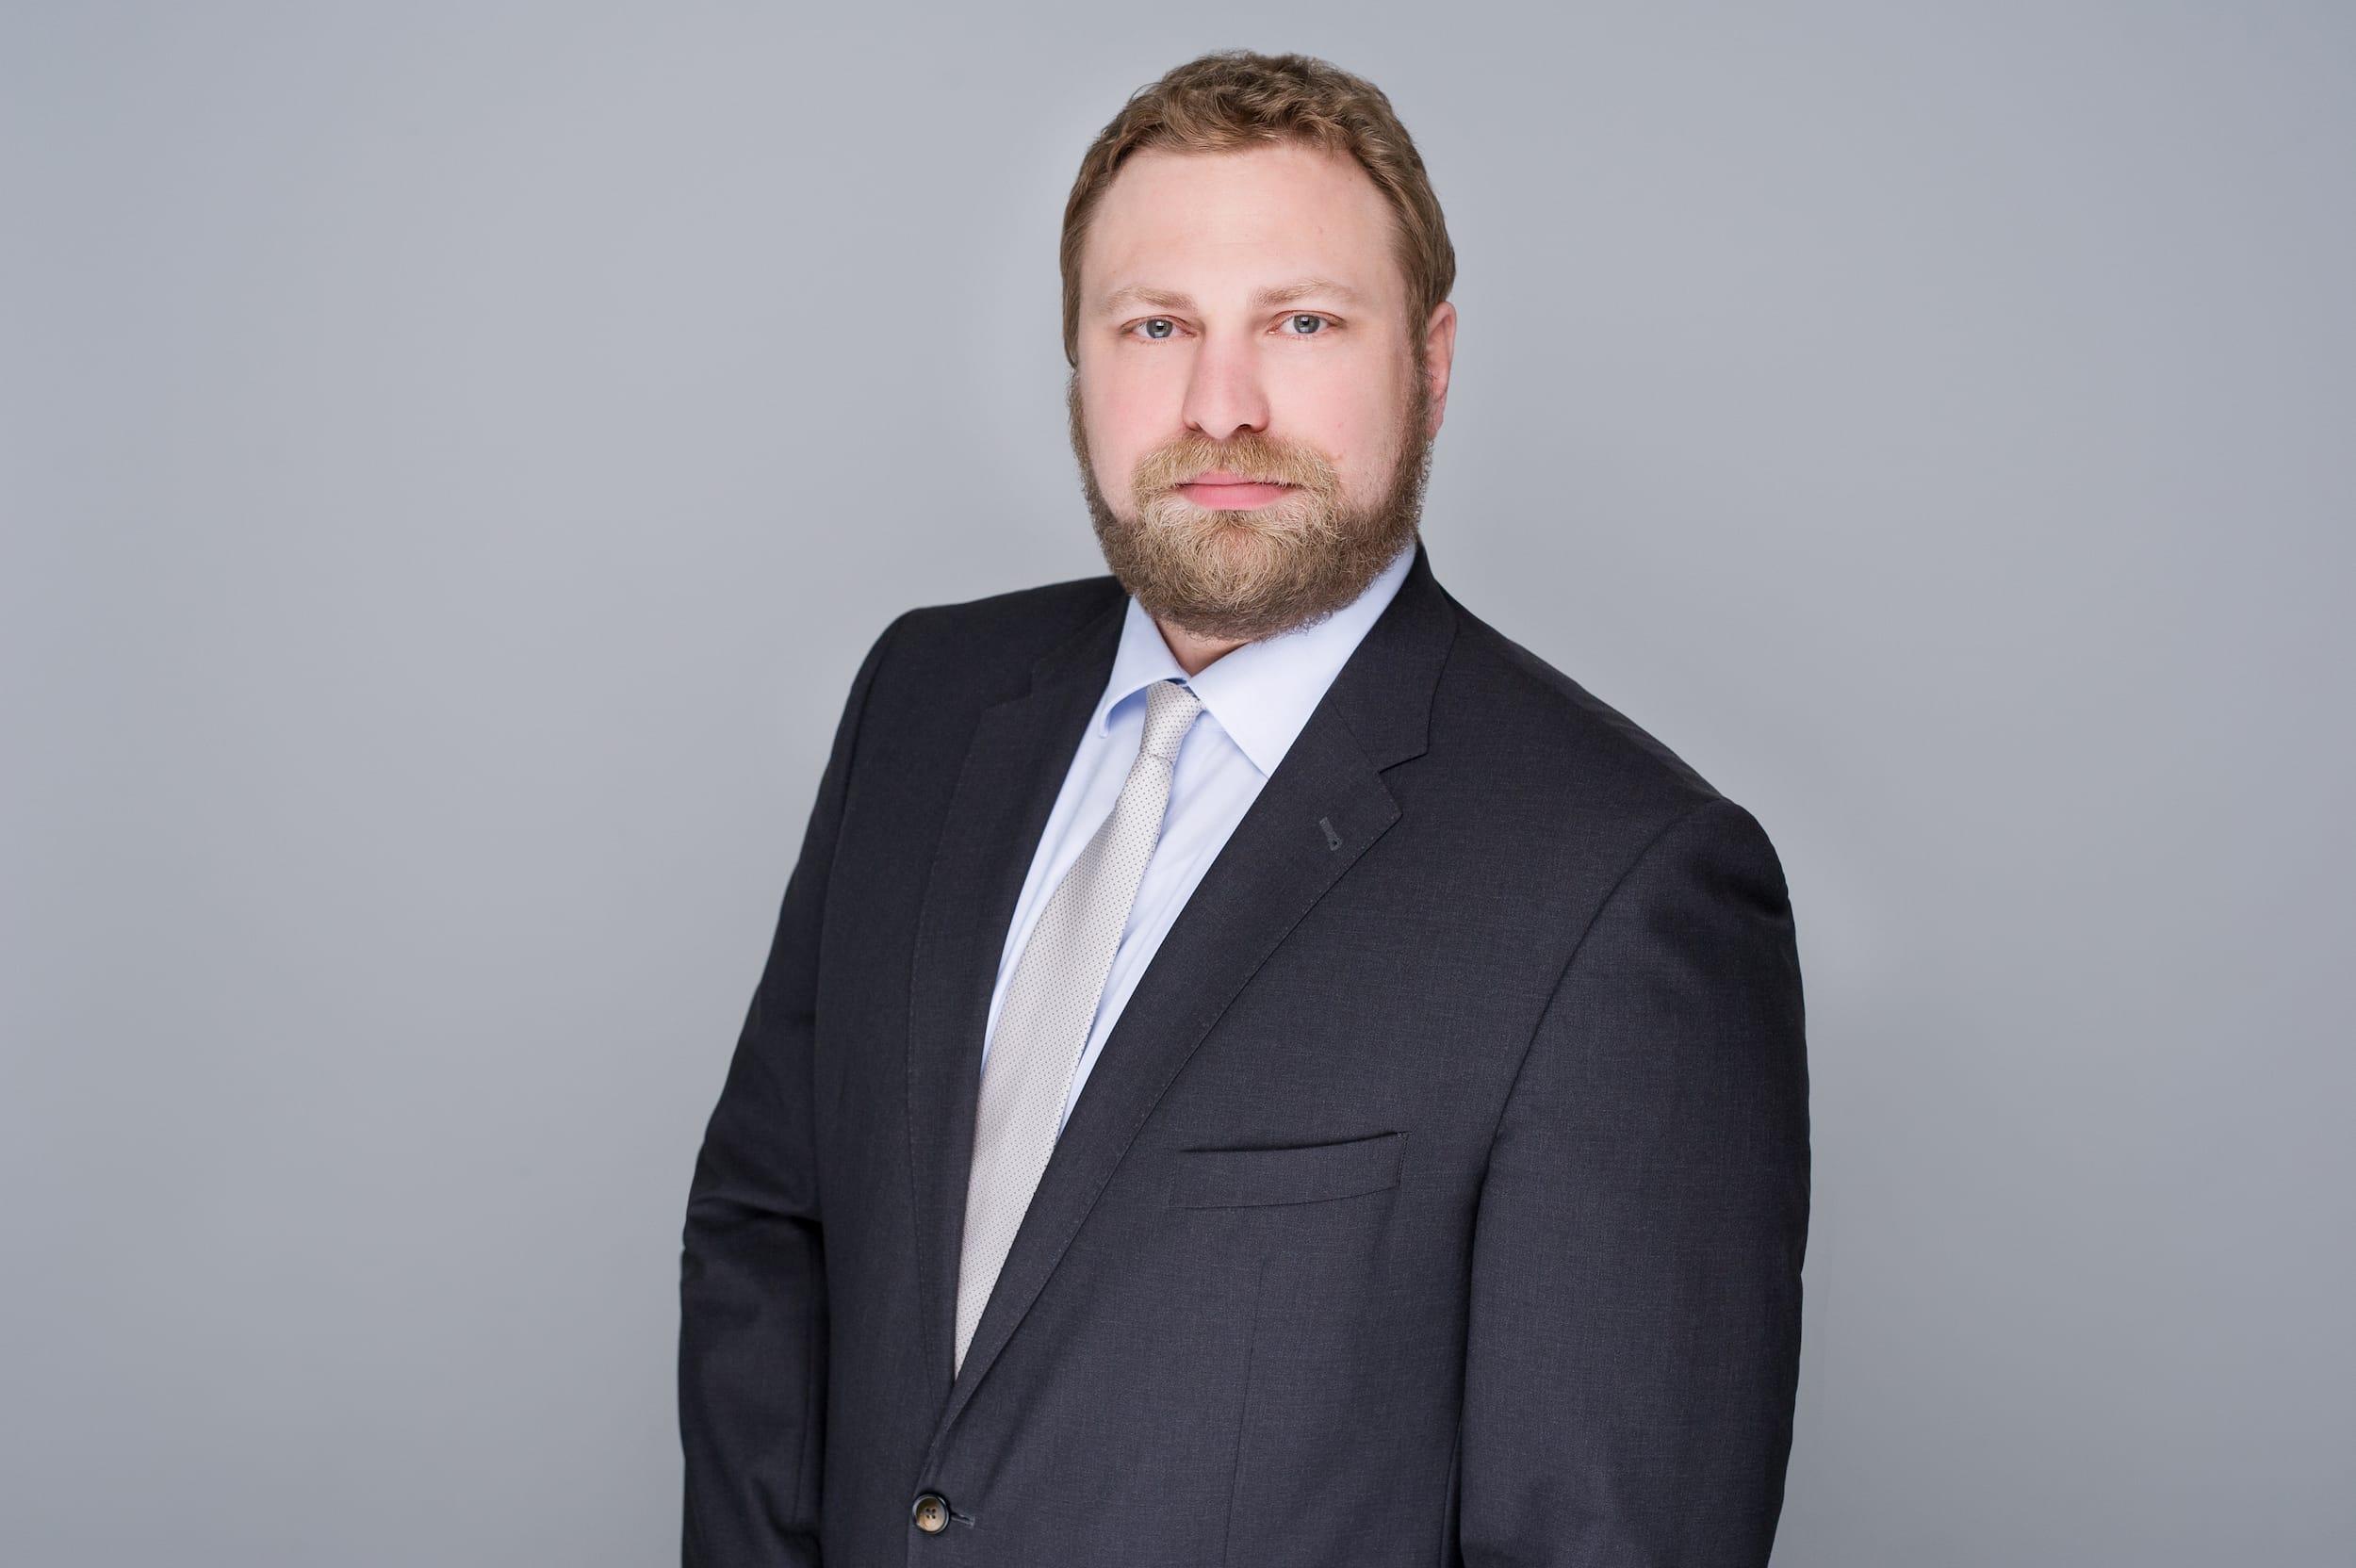 Steuerstrafrecht  - Anwalt in Lübeck   Kanzlei FKF